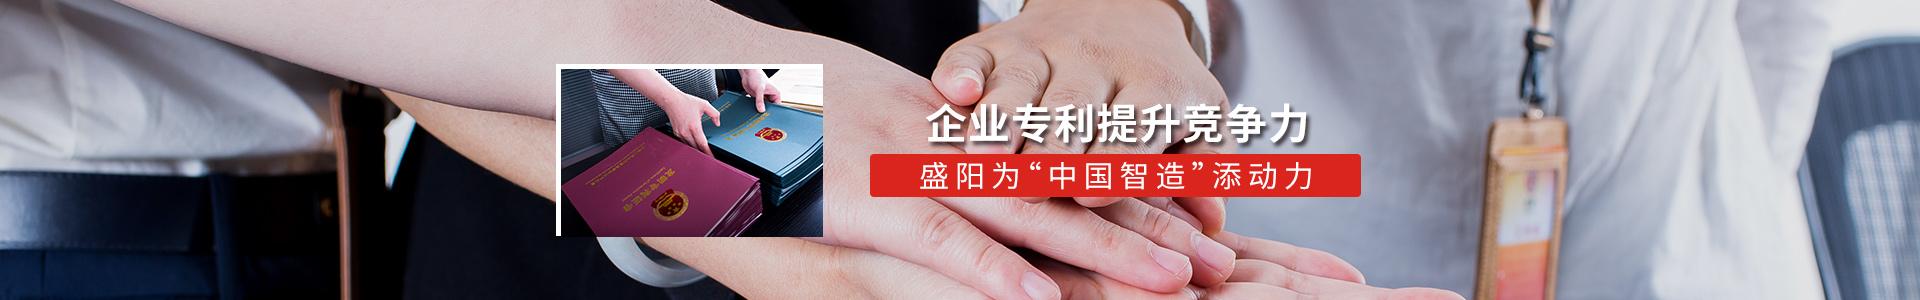 """企业专利提升竞争力,盛阳为""""中国智造""""添动力"""